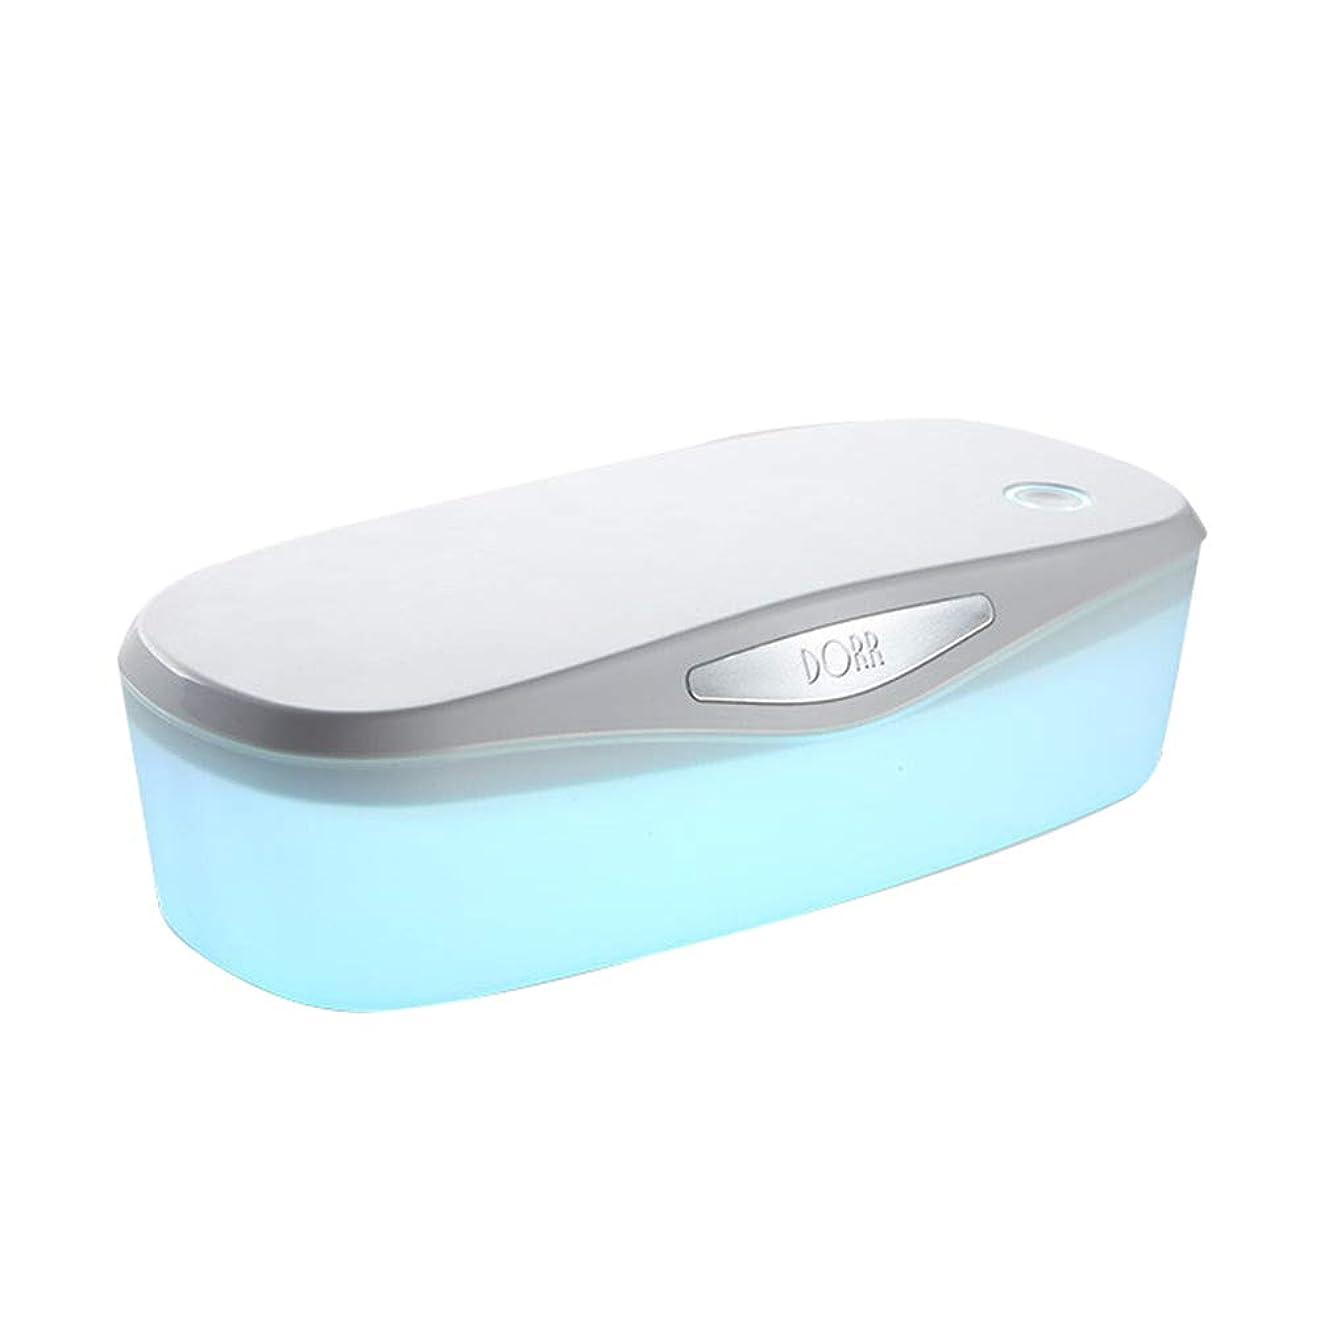 インフルエンザ備品無意識紫外線殺菌箱、携帯用USBの抗菌性のオゾン殺菌の殺菌ランプが付いている紫外線殺菌装置、おしゃぶりのための美用具の滅菌装置成人用製品大広間用具食器類化粧筆歯ブラシ